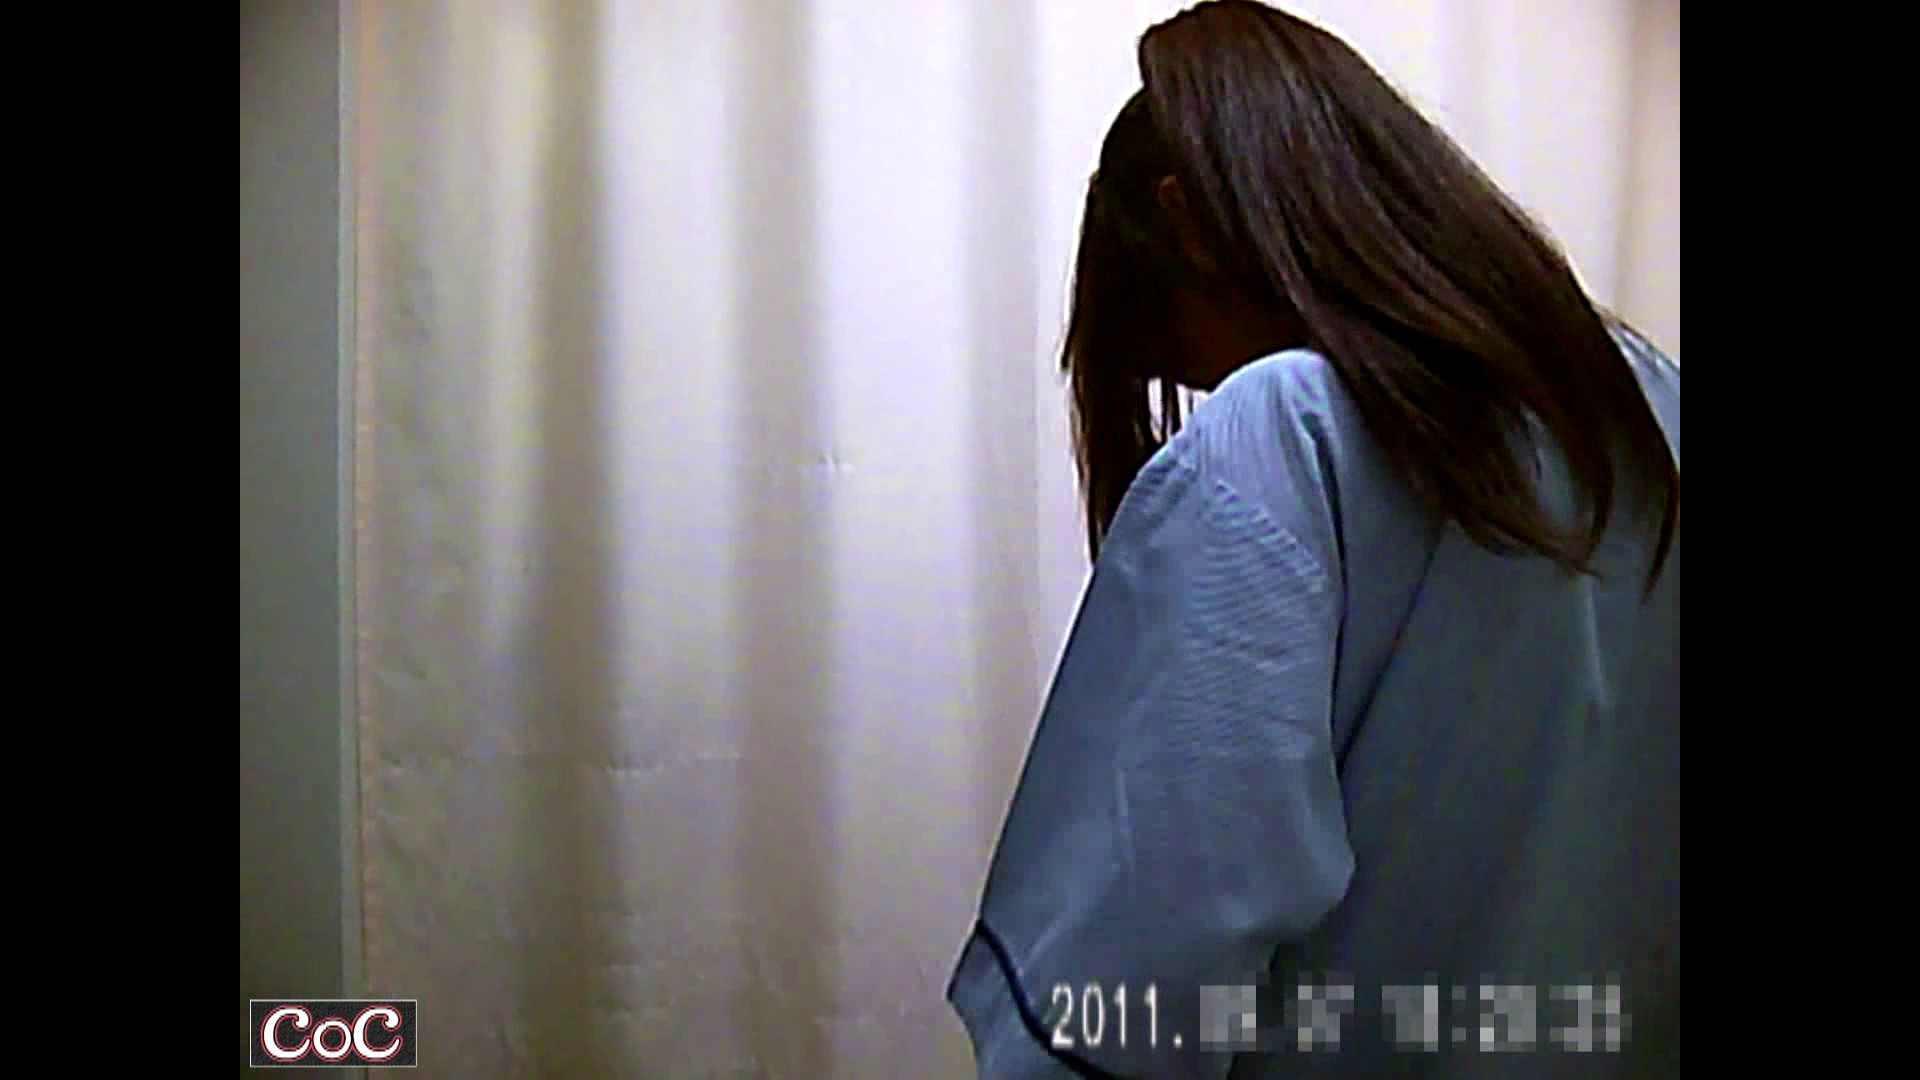 病院おもいっきり着替え! vol.20 貧乳 オメコ動画キャプチャ 106PIX 97